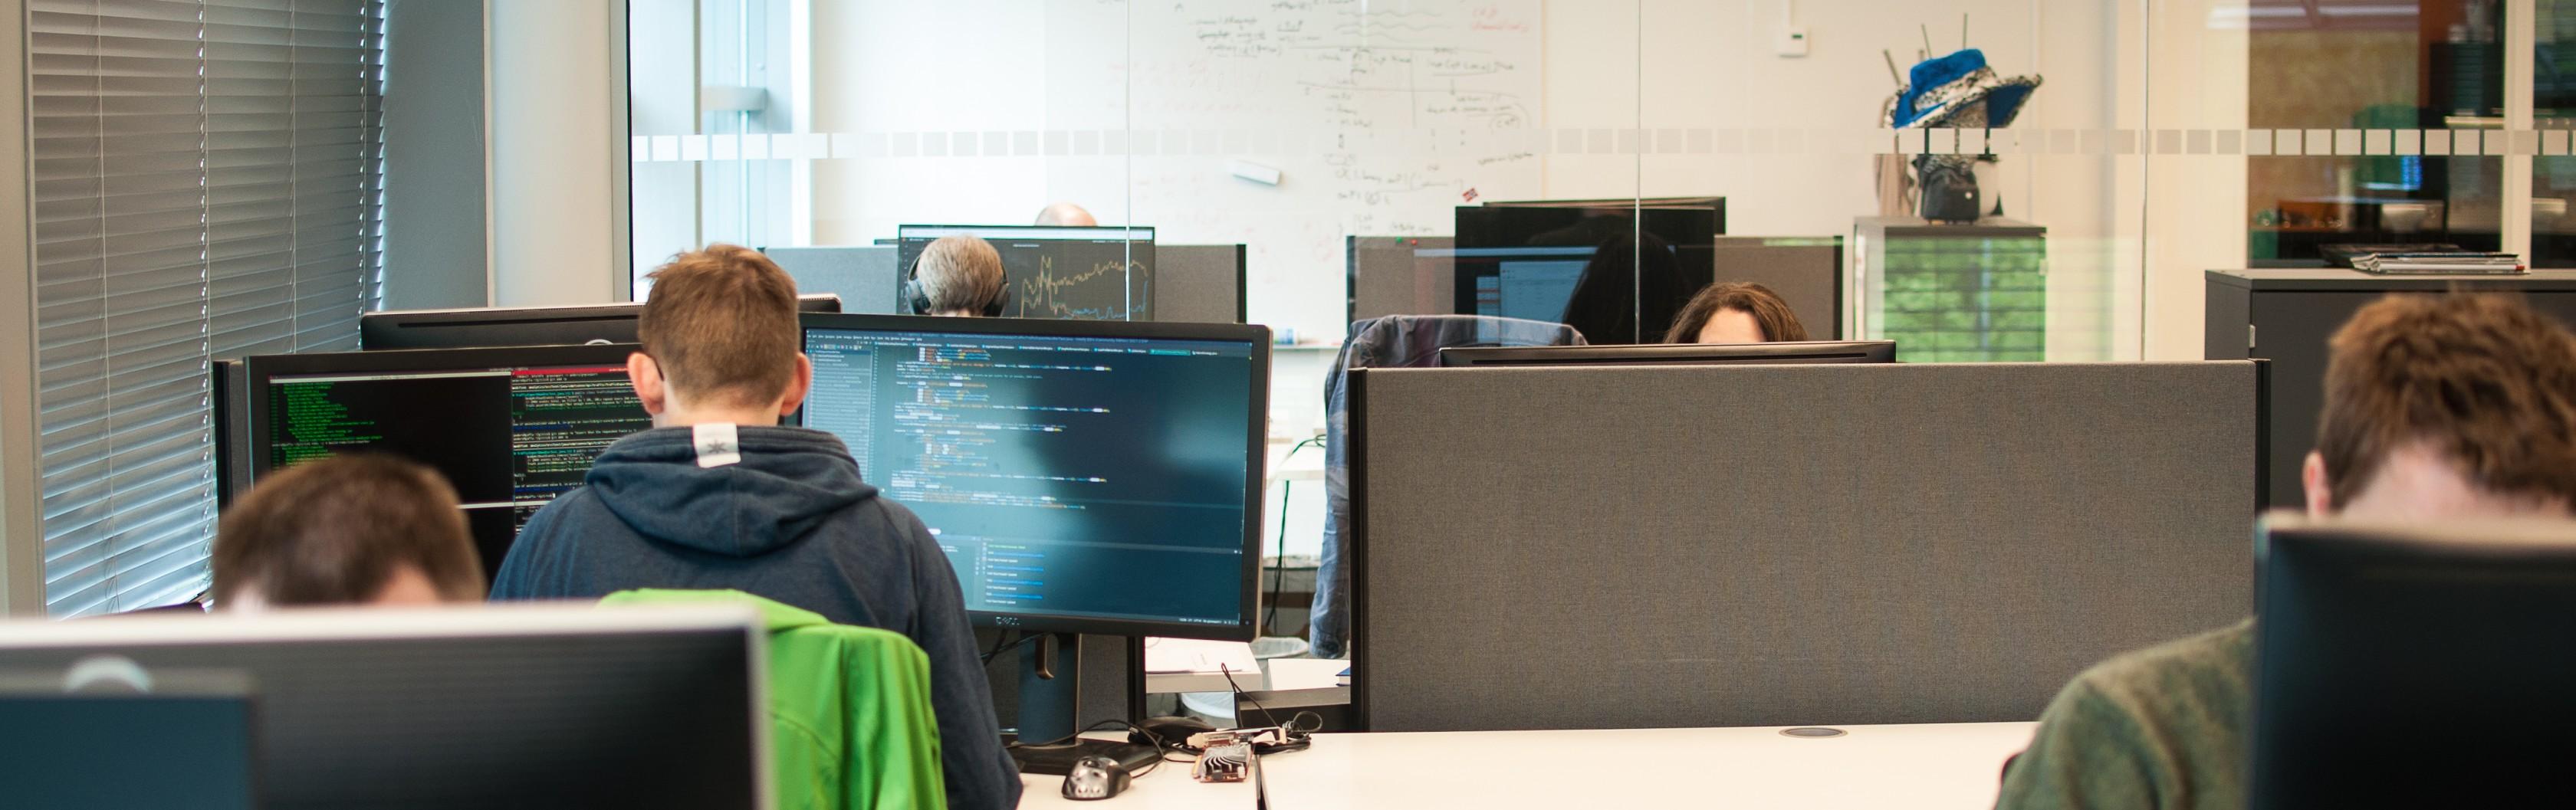 Software Engineering at Cxense